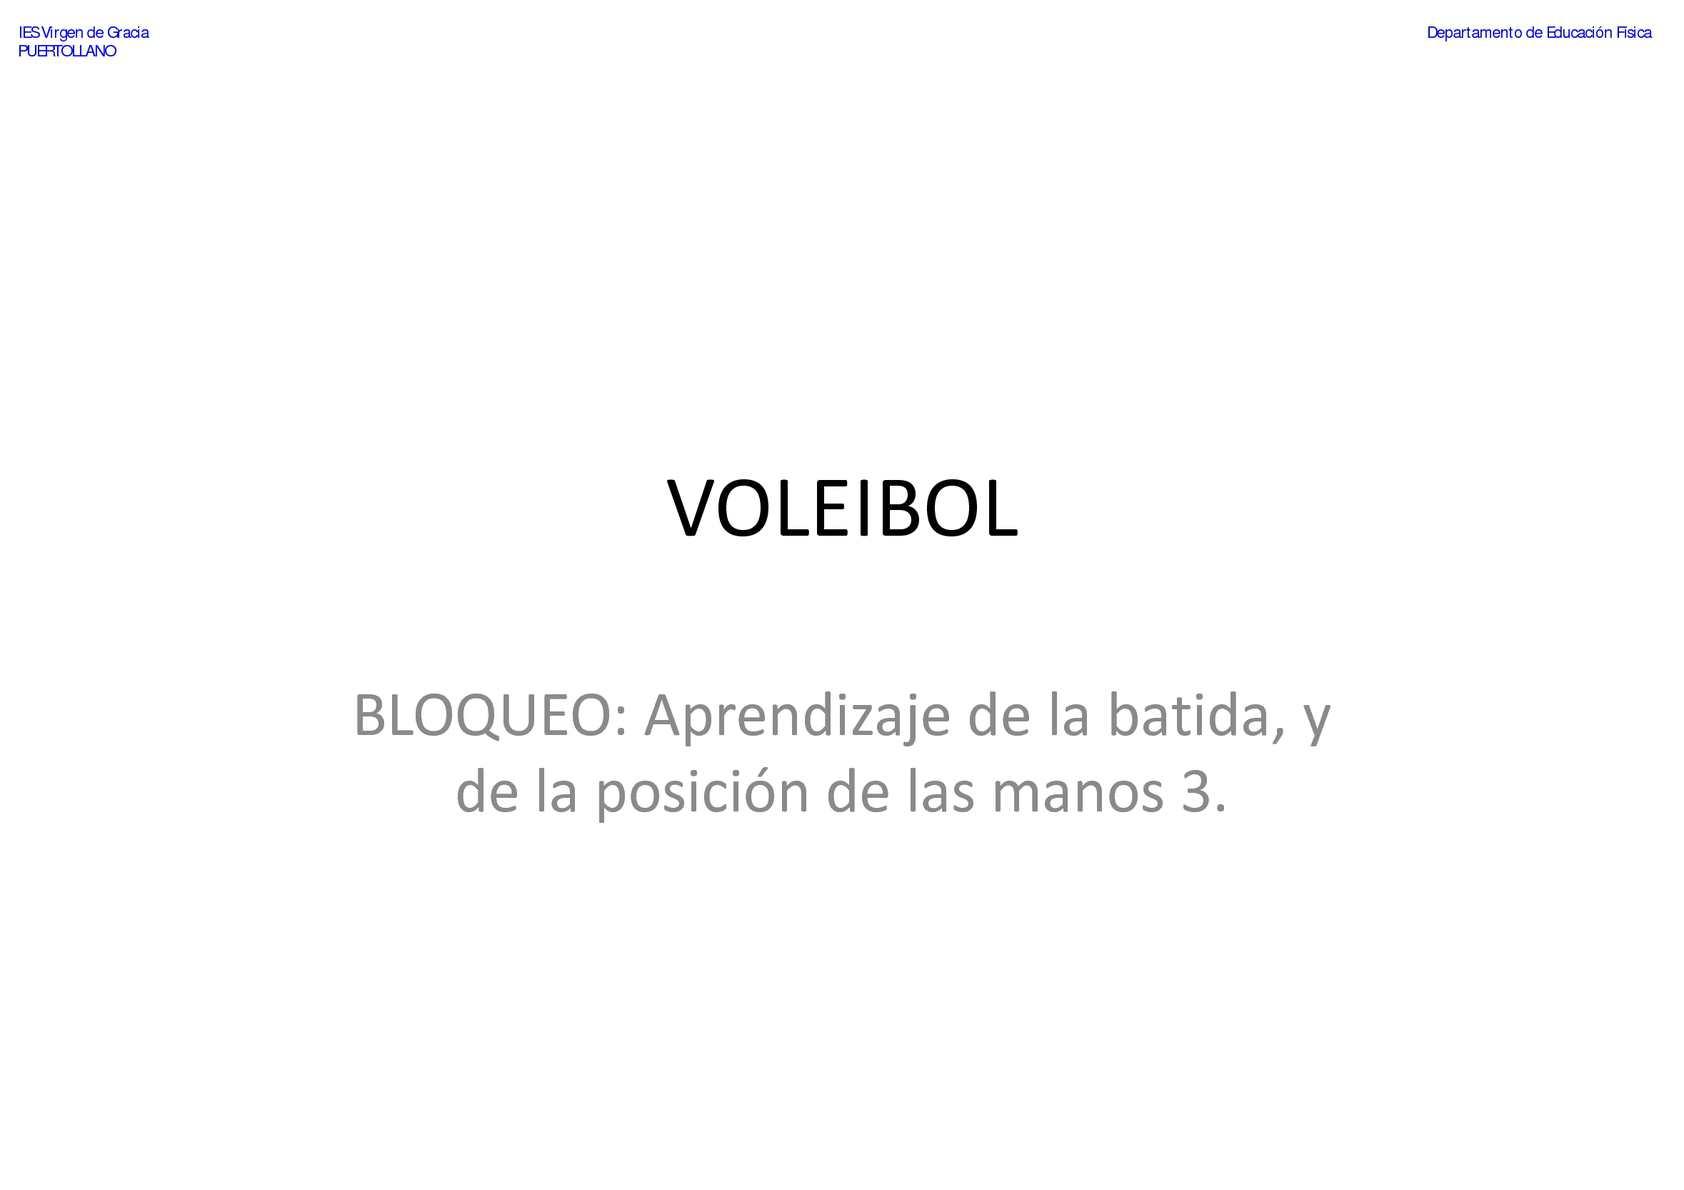 VOLEIBOL - Bloqueo - Aprendizaje de la batida y de la posición de las manos 3